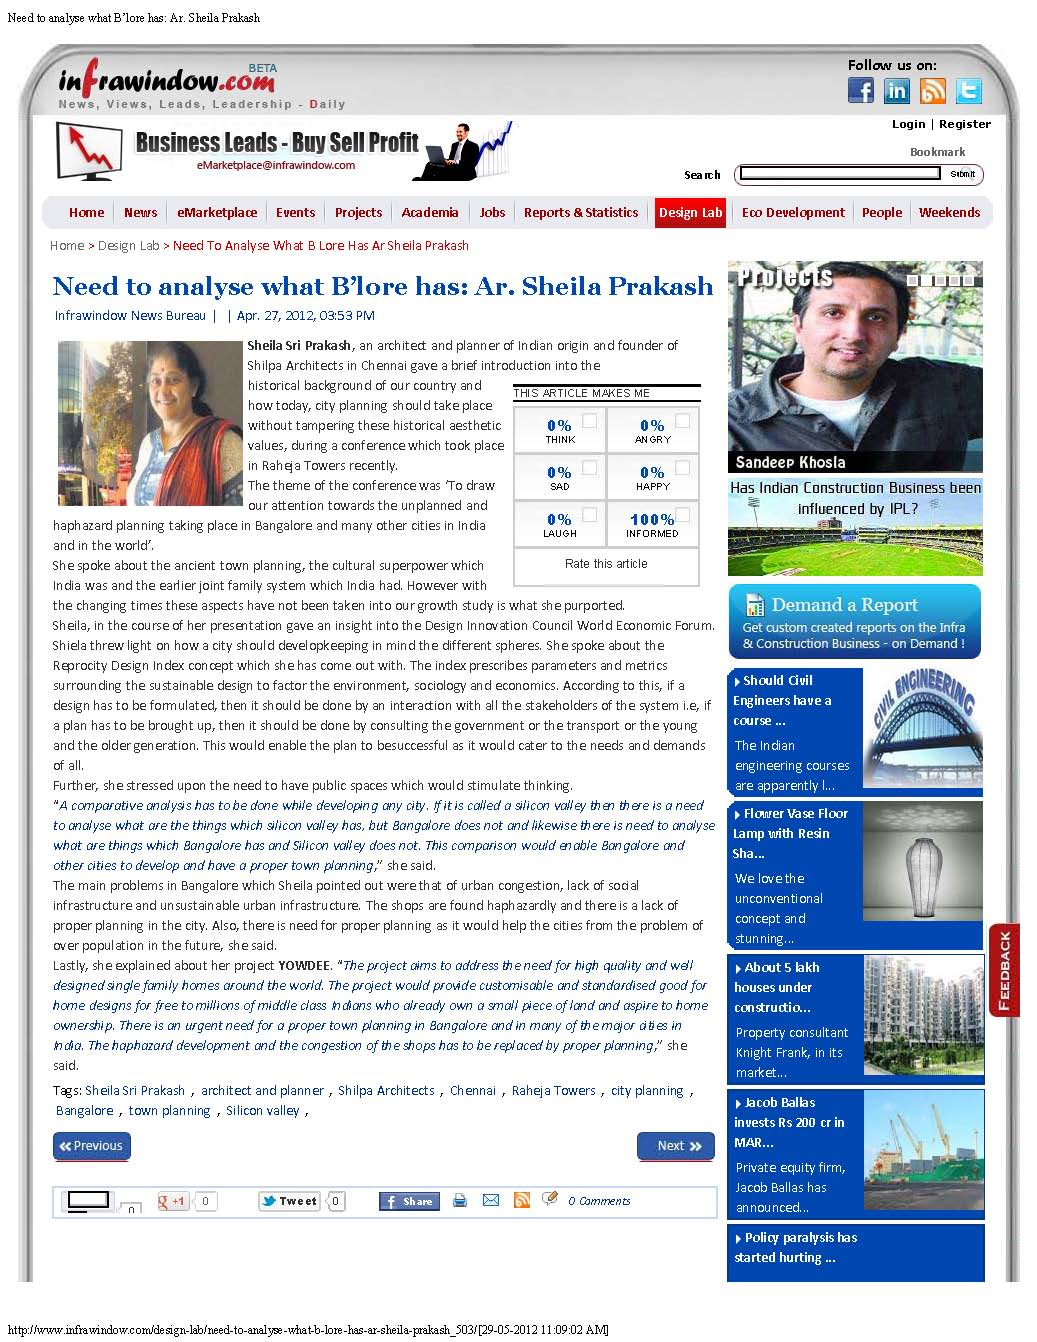 Infrawindow.com, 27 Apr 2012